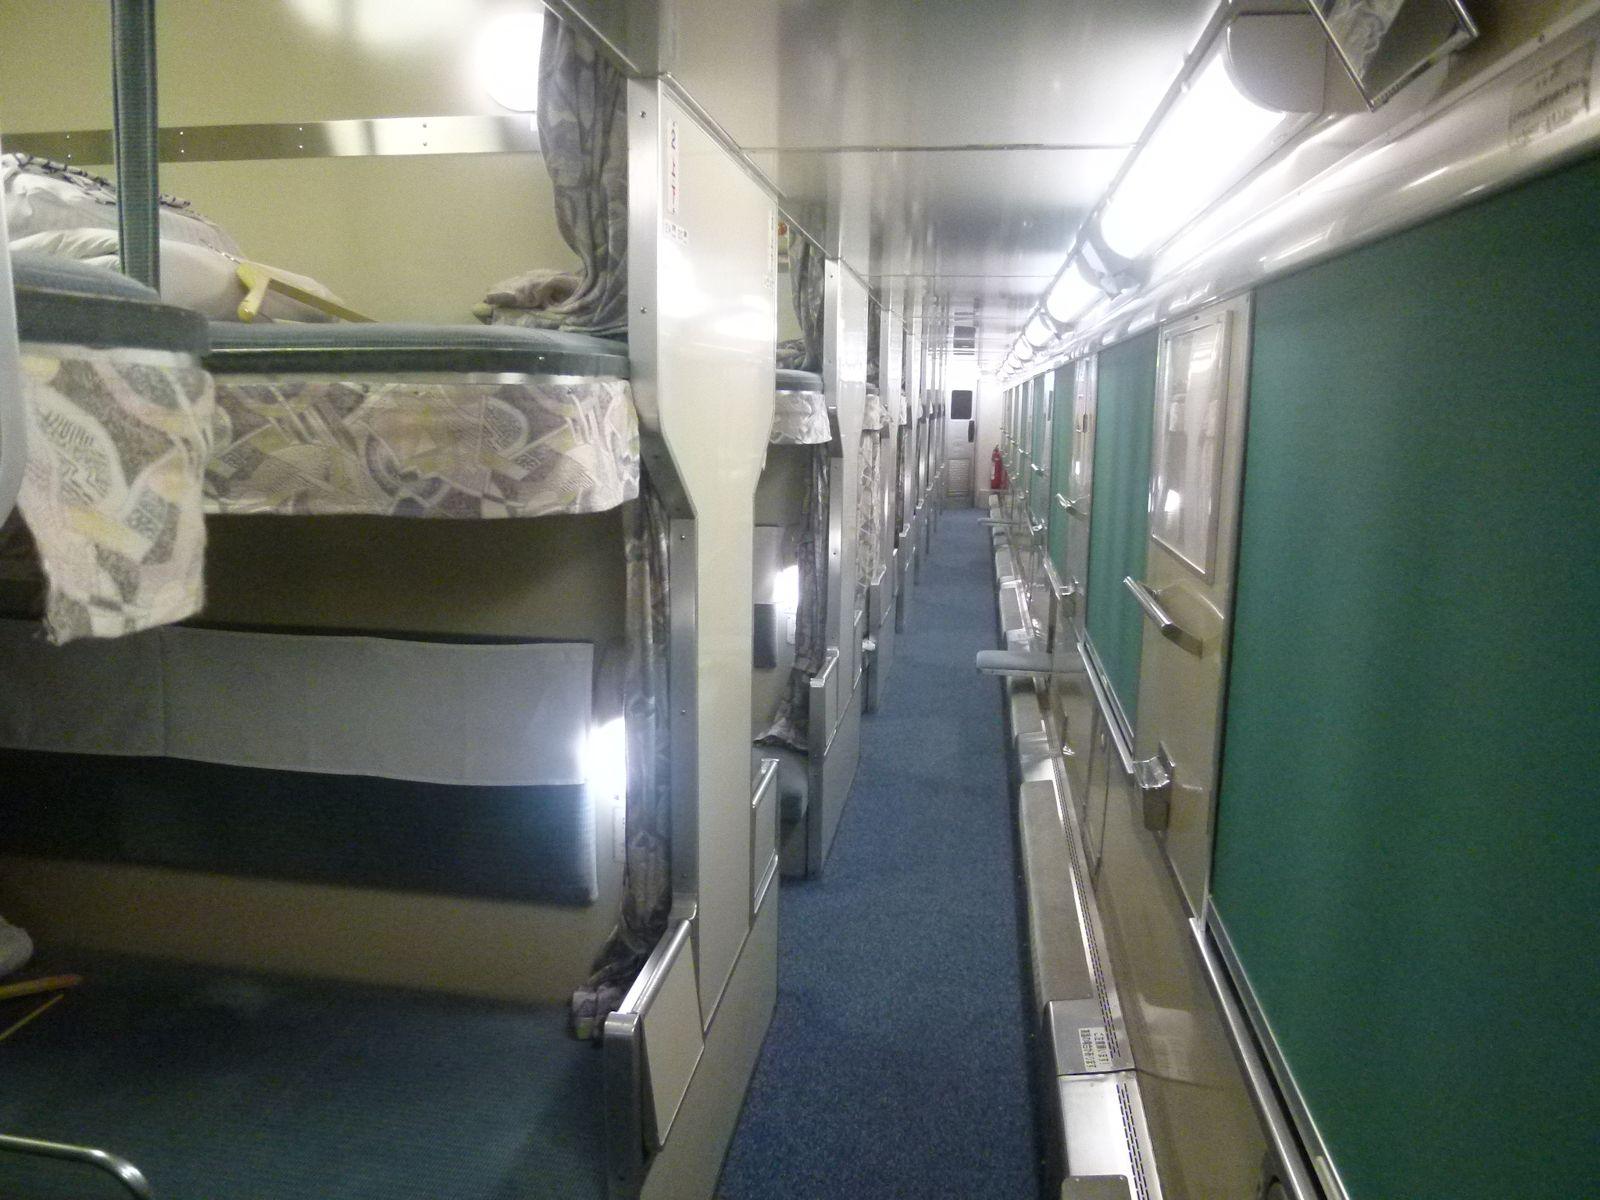 寝台特急日本海号のB寝台の車内(JPG-234k)